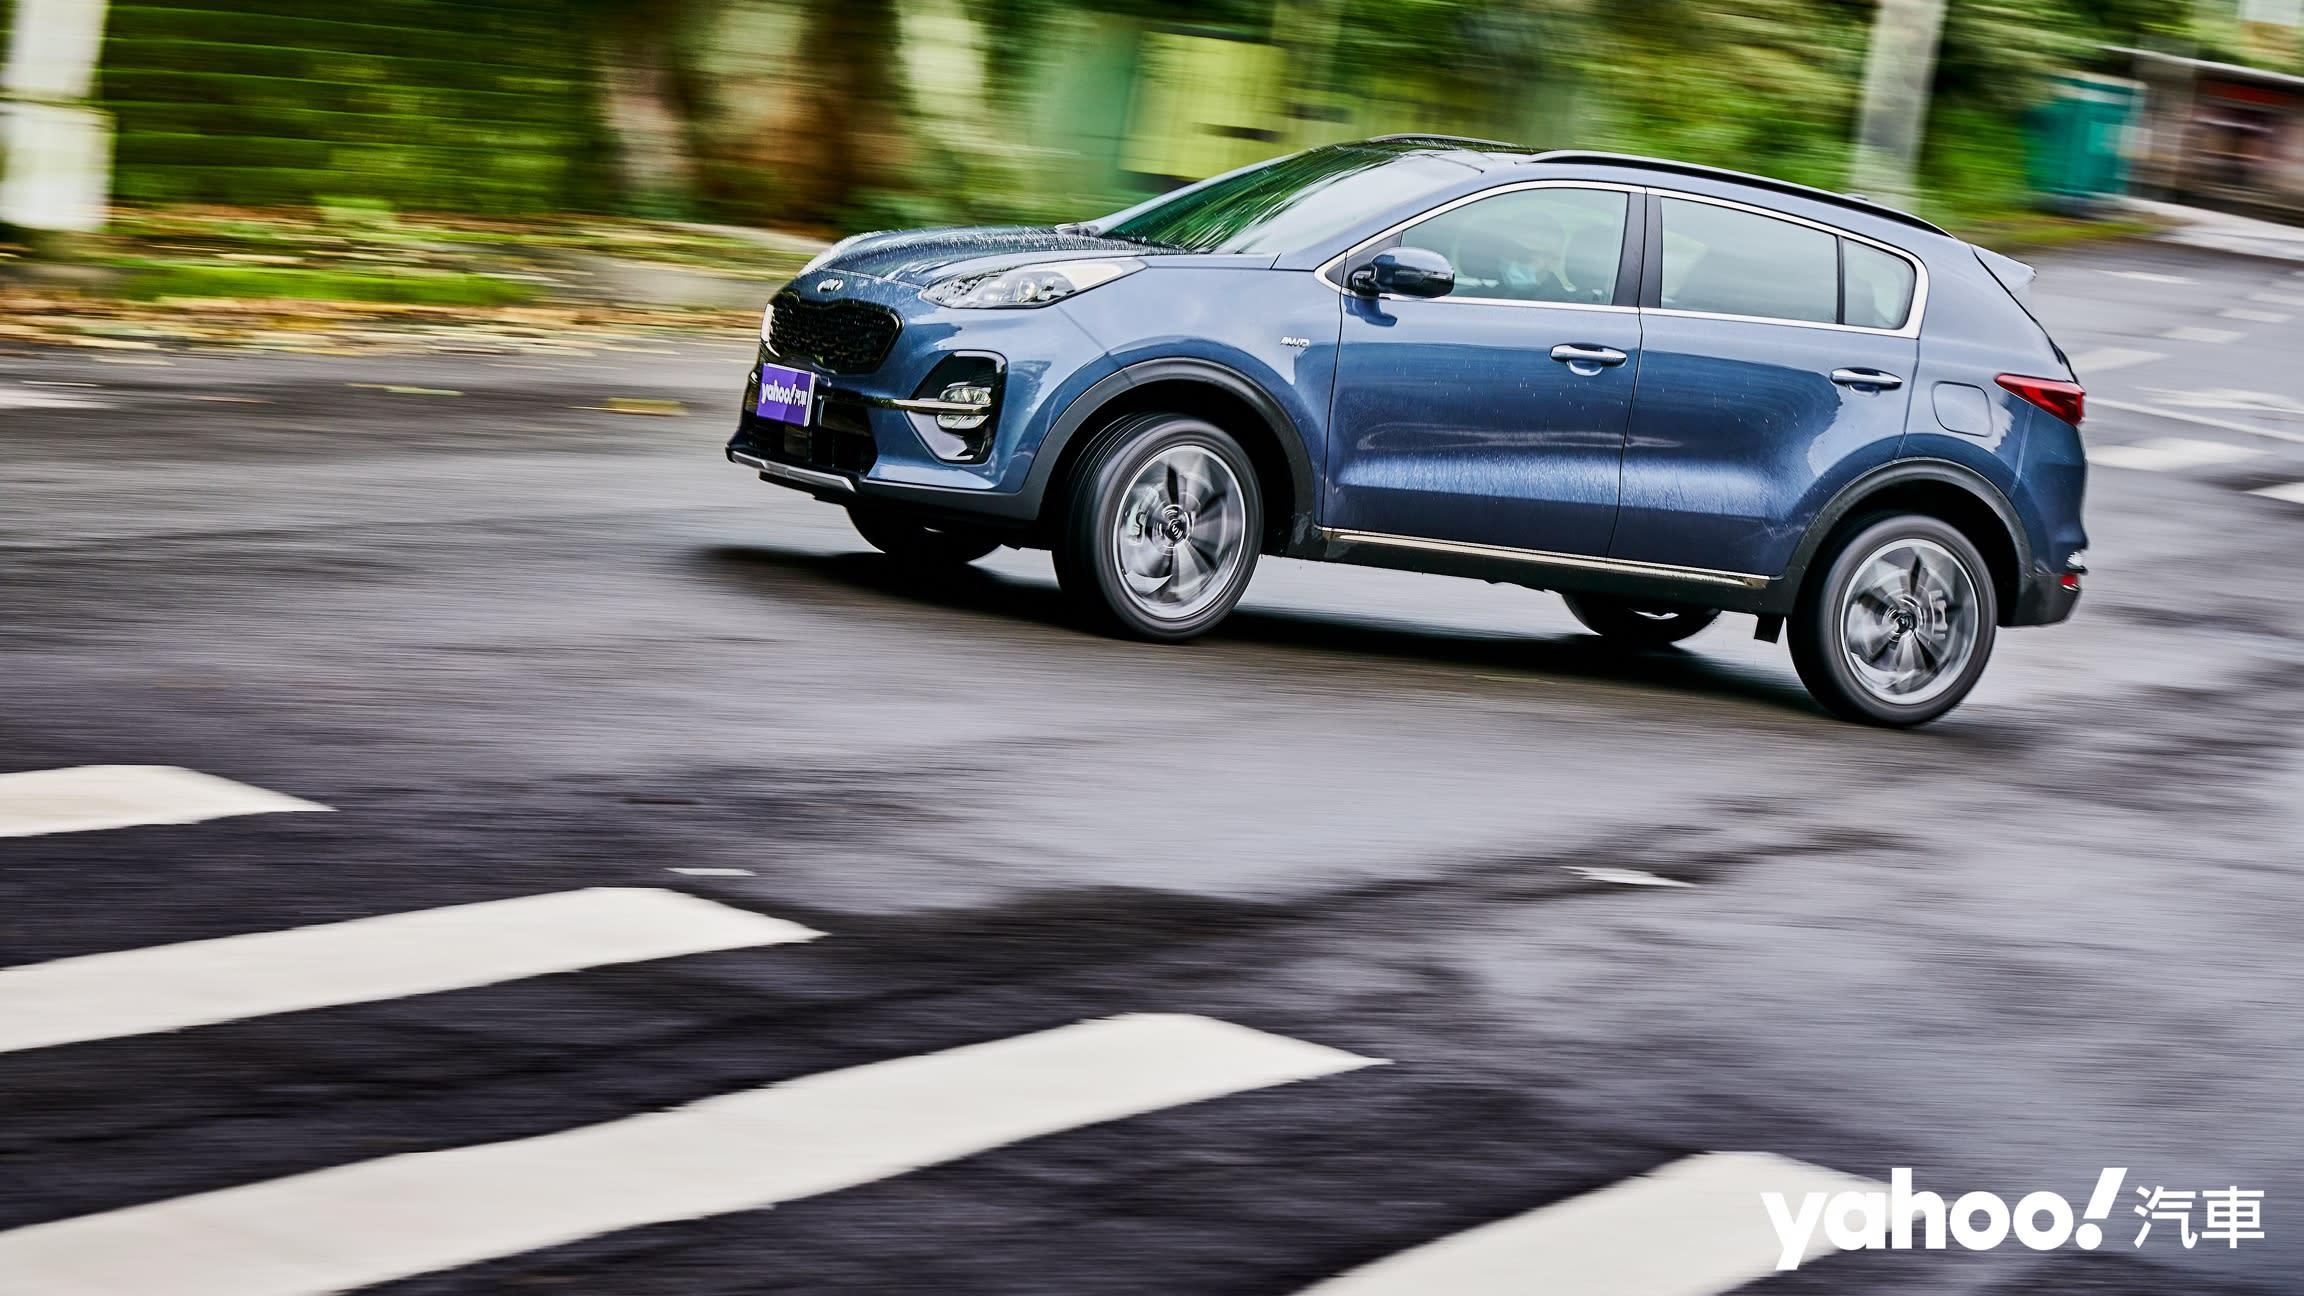 【新車圖輯】時代錯置的運動休旅悍將!2020 Kia Sportage GT Line AWD小改款城郊試駕!